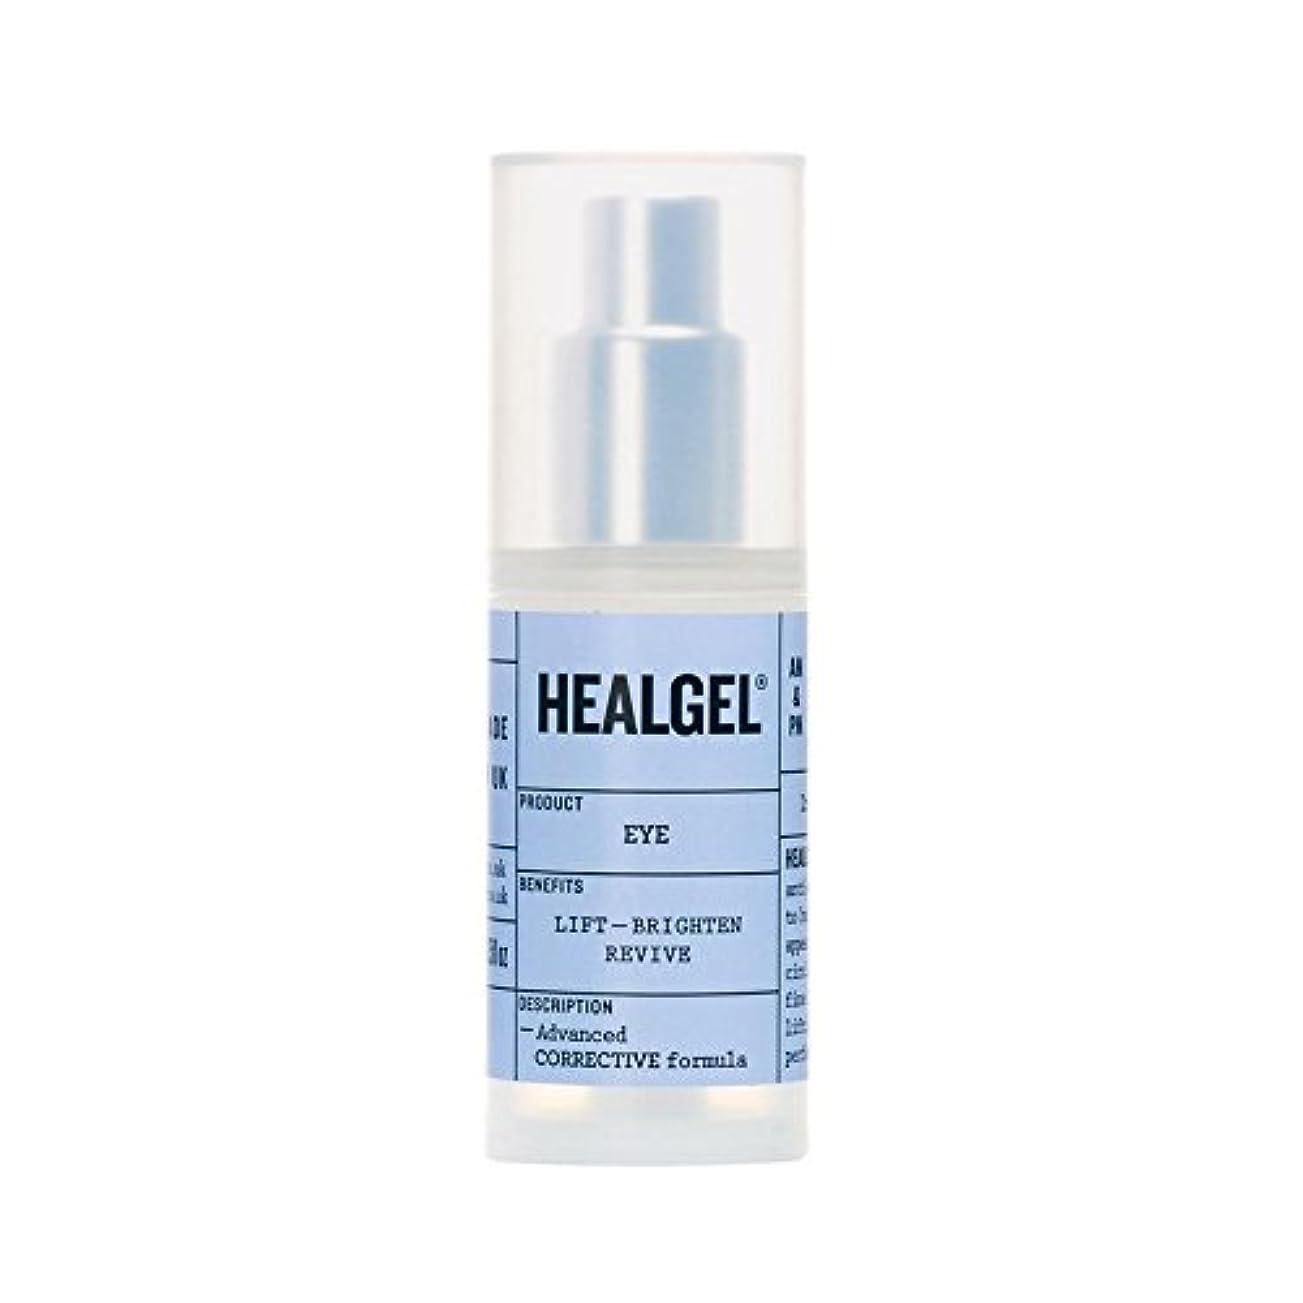 協力するポーチアンドリューハリディゲル白眼式15ミリリットルを癒します x2 - Heal Gel Brightening Eye Formula 15ml (Pack of 2) [並行輸入品]